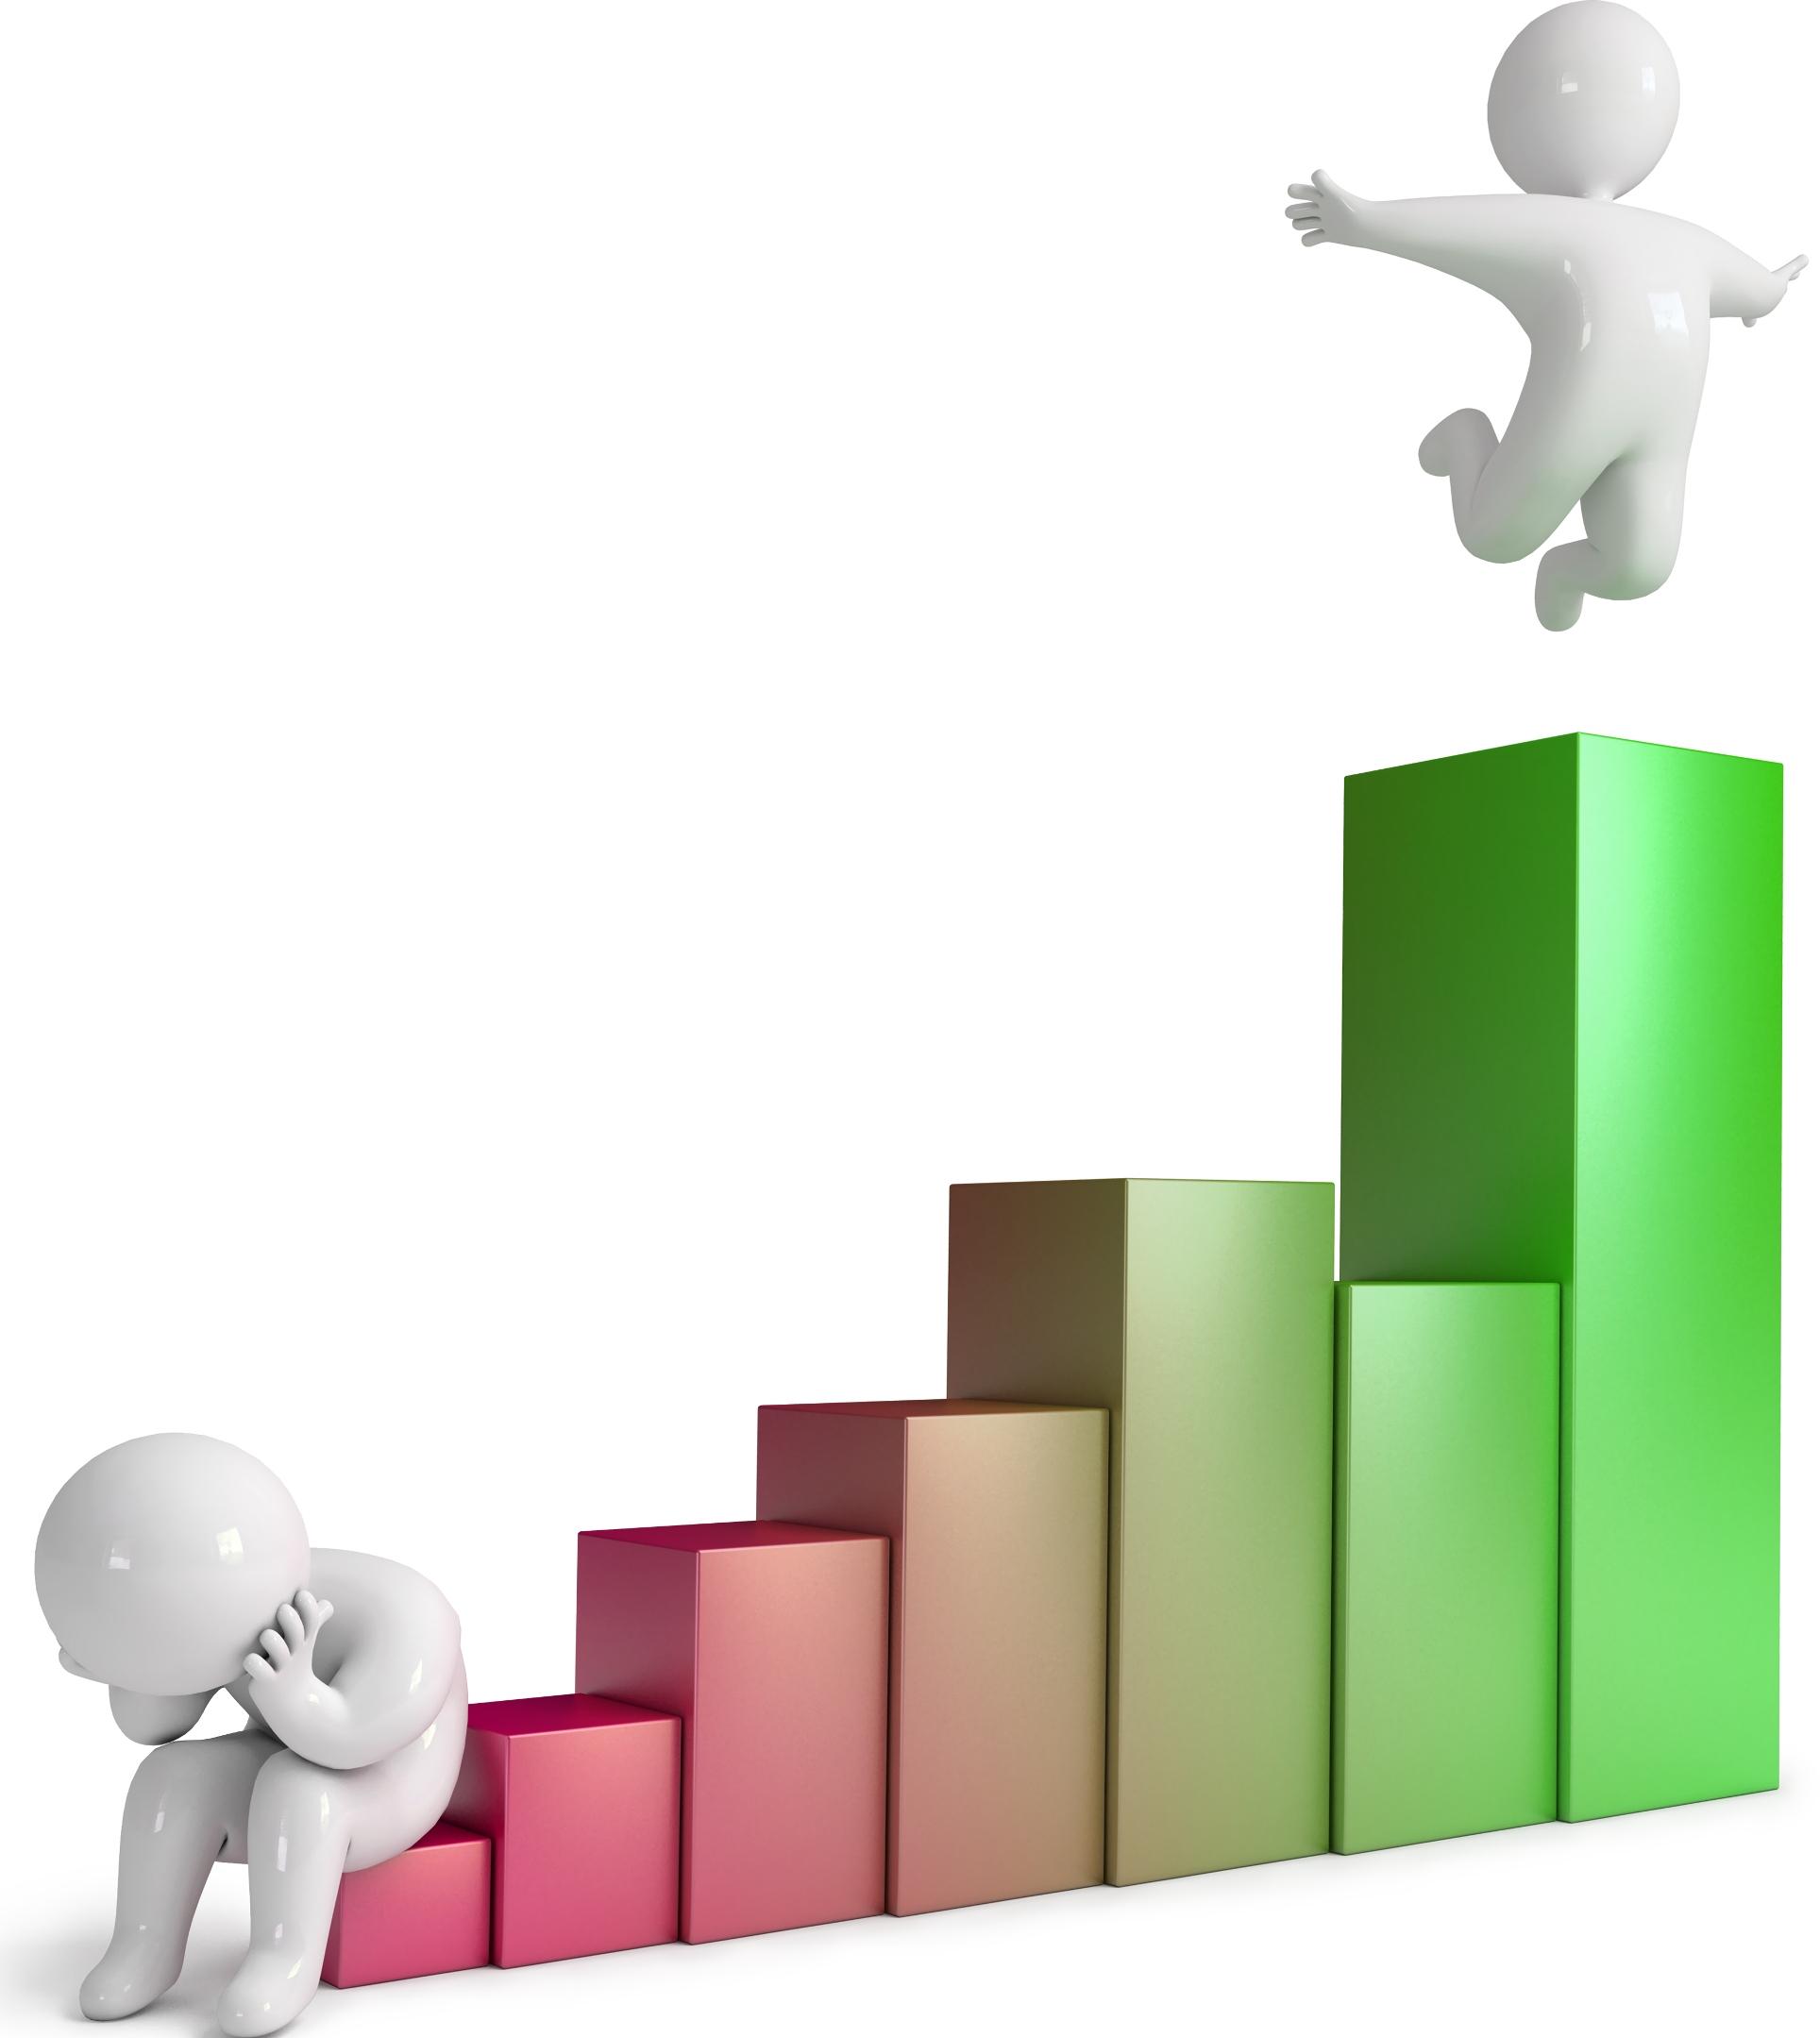 Рекламные услуги в интернете, Рекламные статьи о саморазвитии, Работа и заработок на саморазвитие.